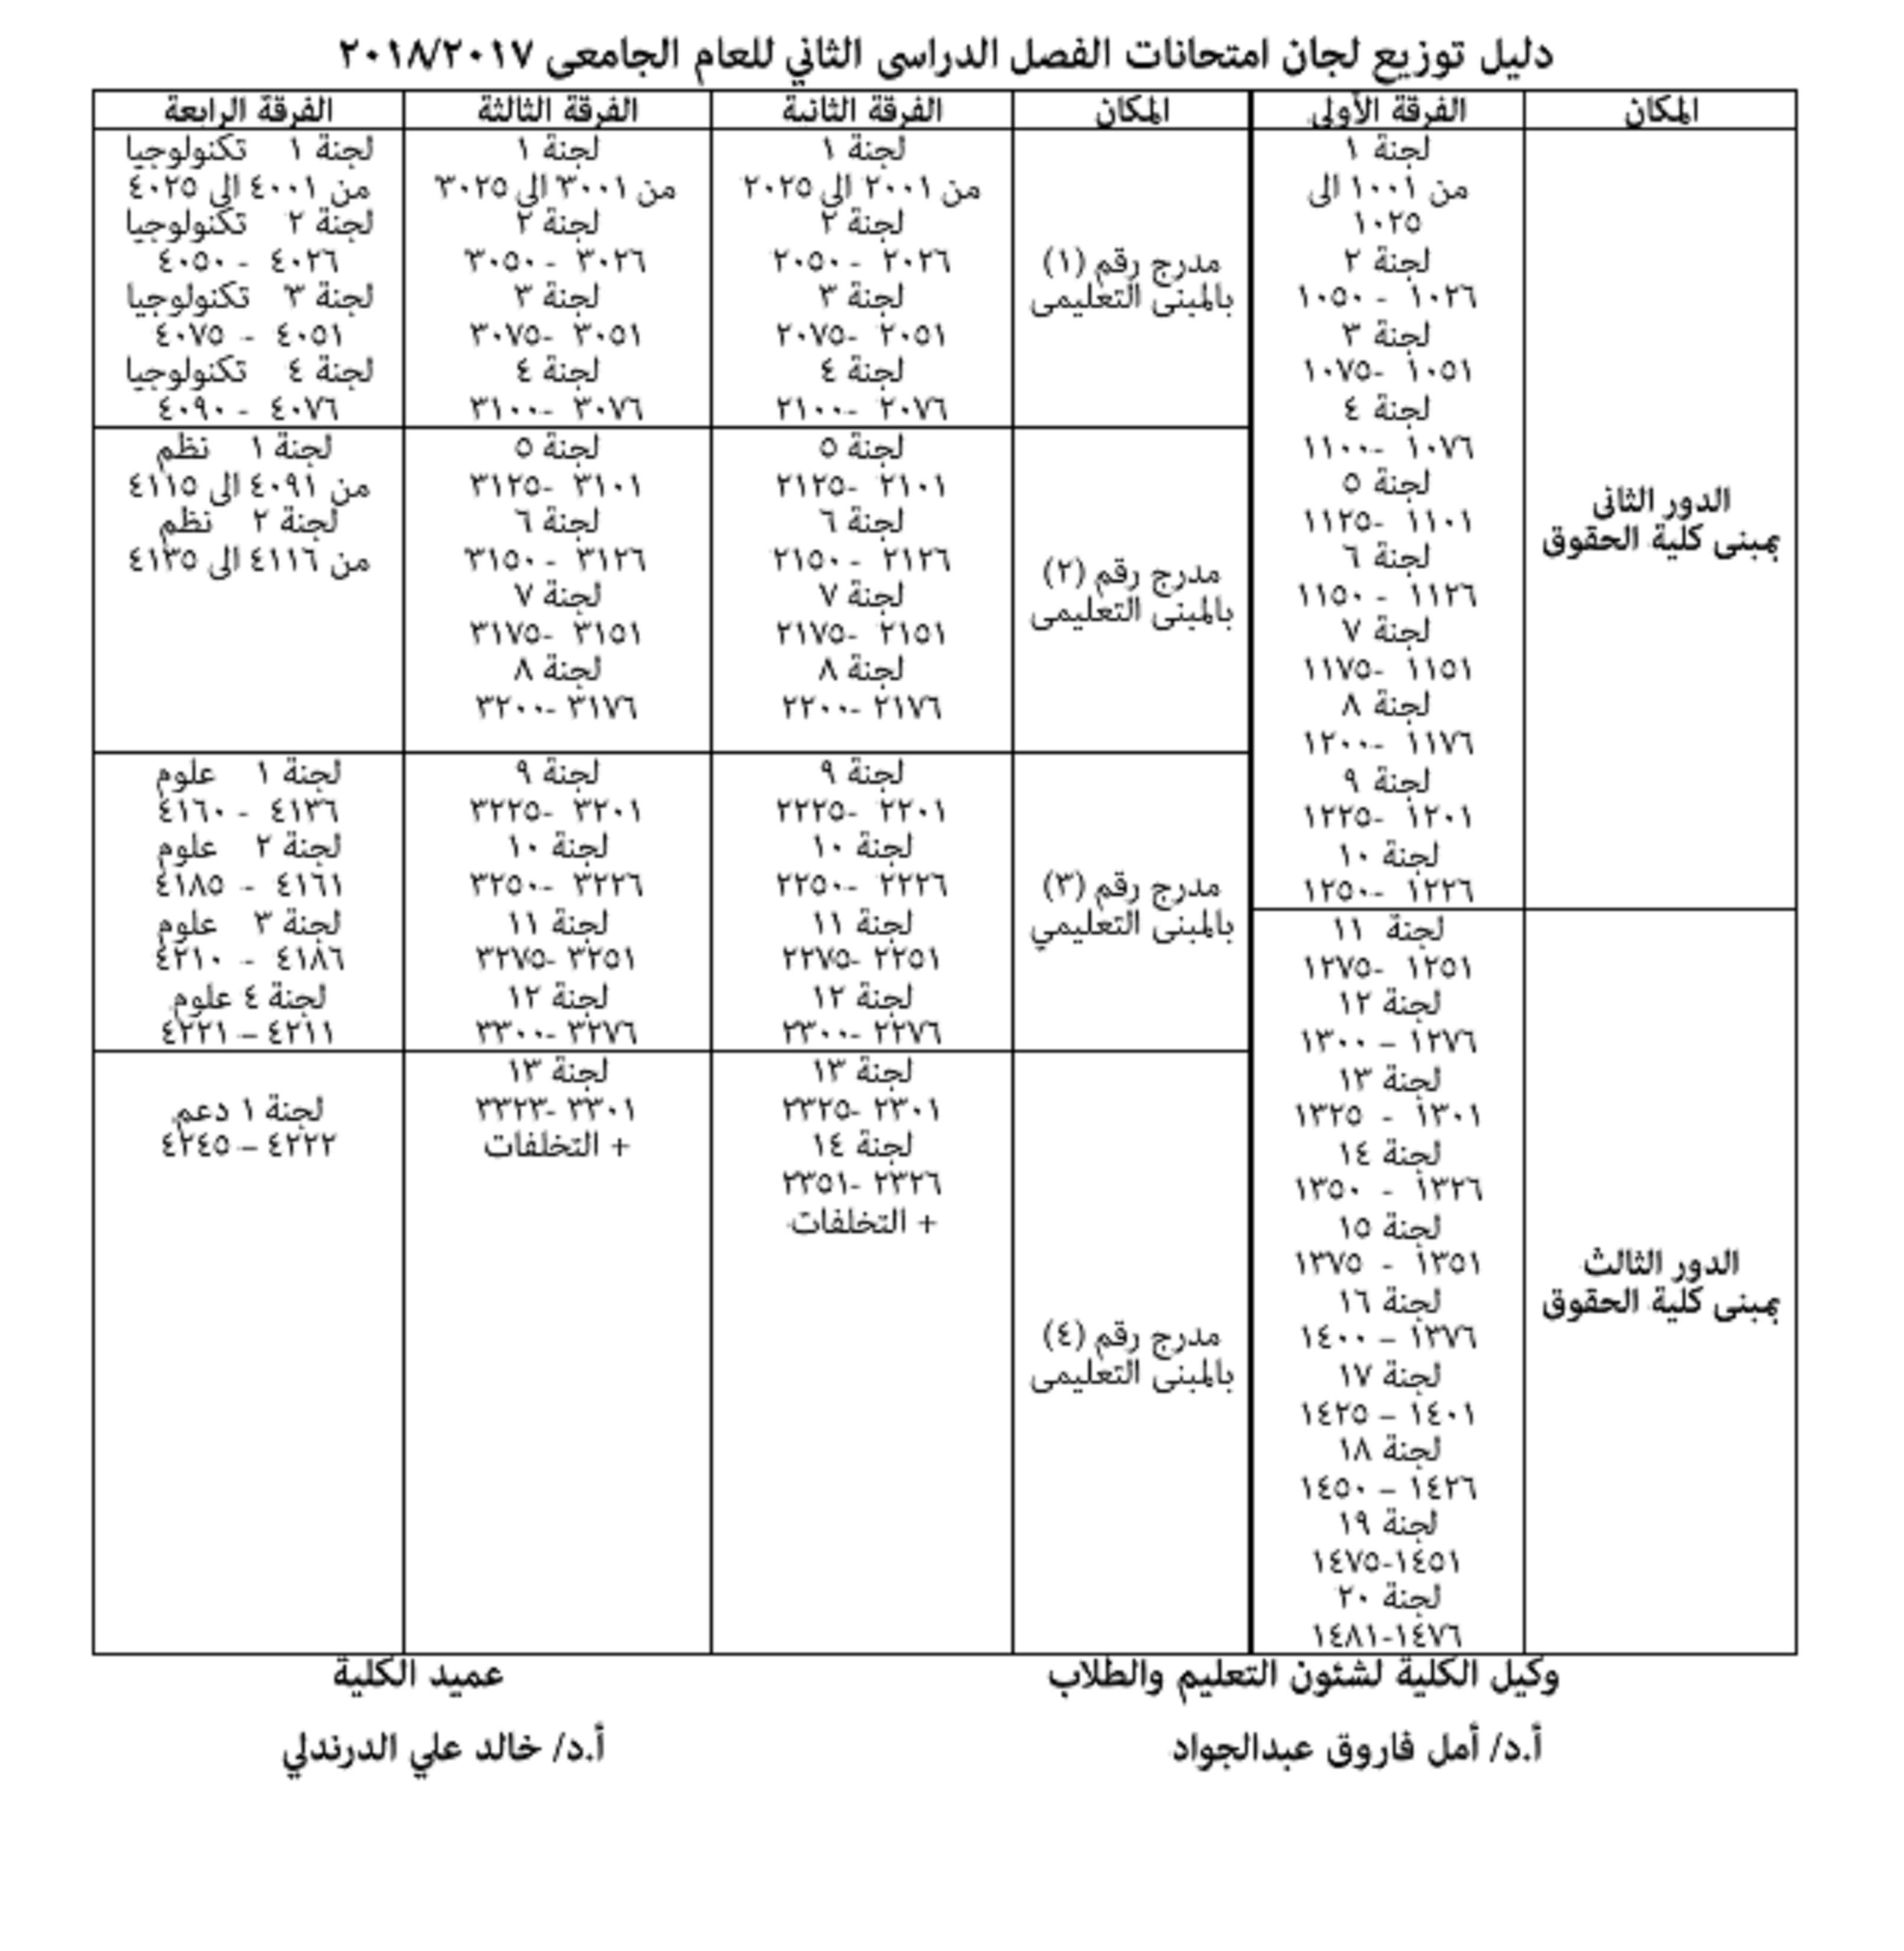 دليل توزيع لجان امتحانات الفصل الدراسى الثانى للعام الجامعى 2017/2018